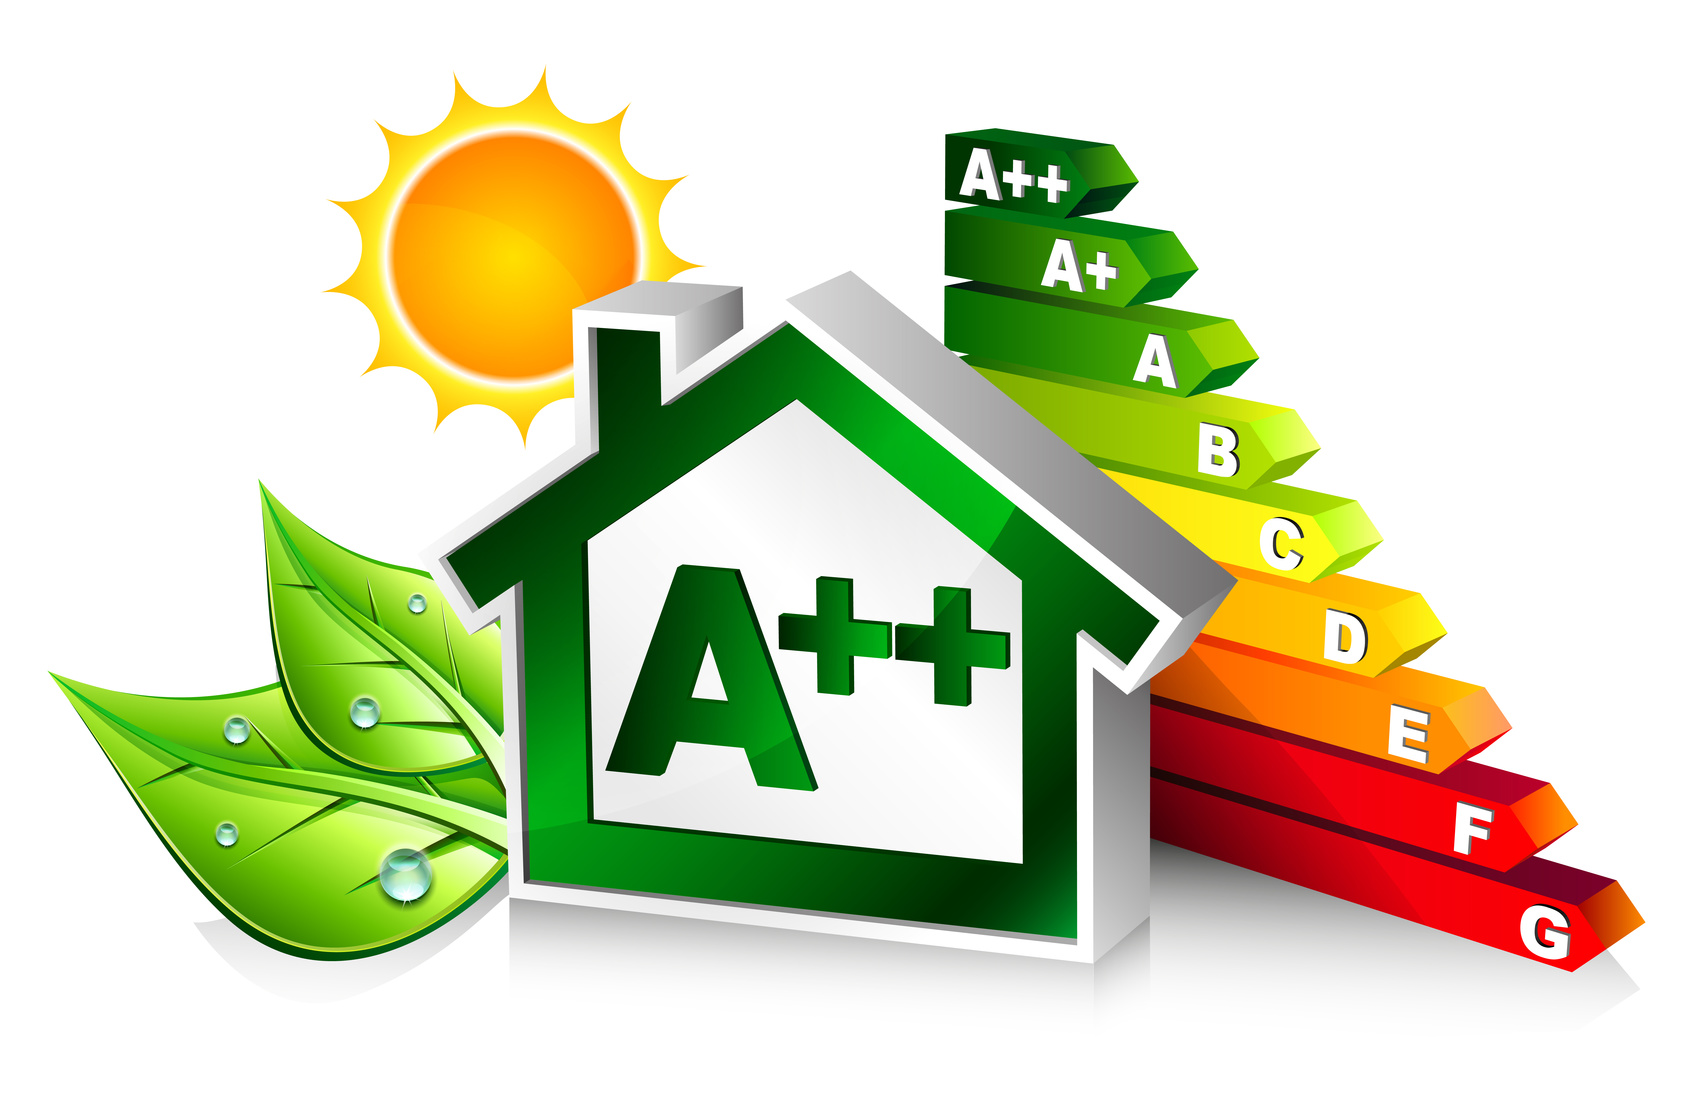 La norme pour consommer de l'énergie de façon économique